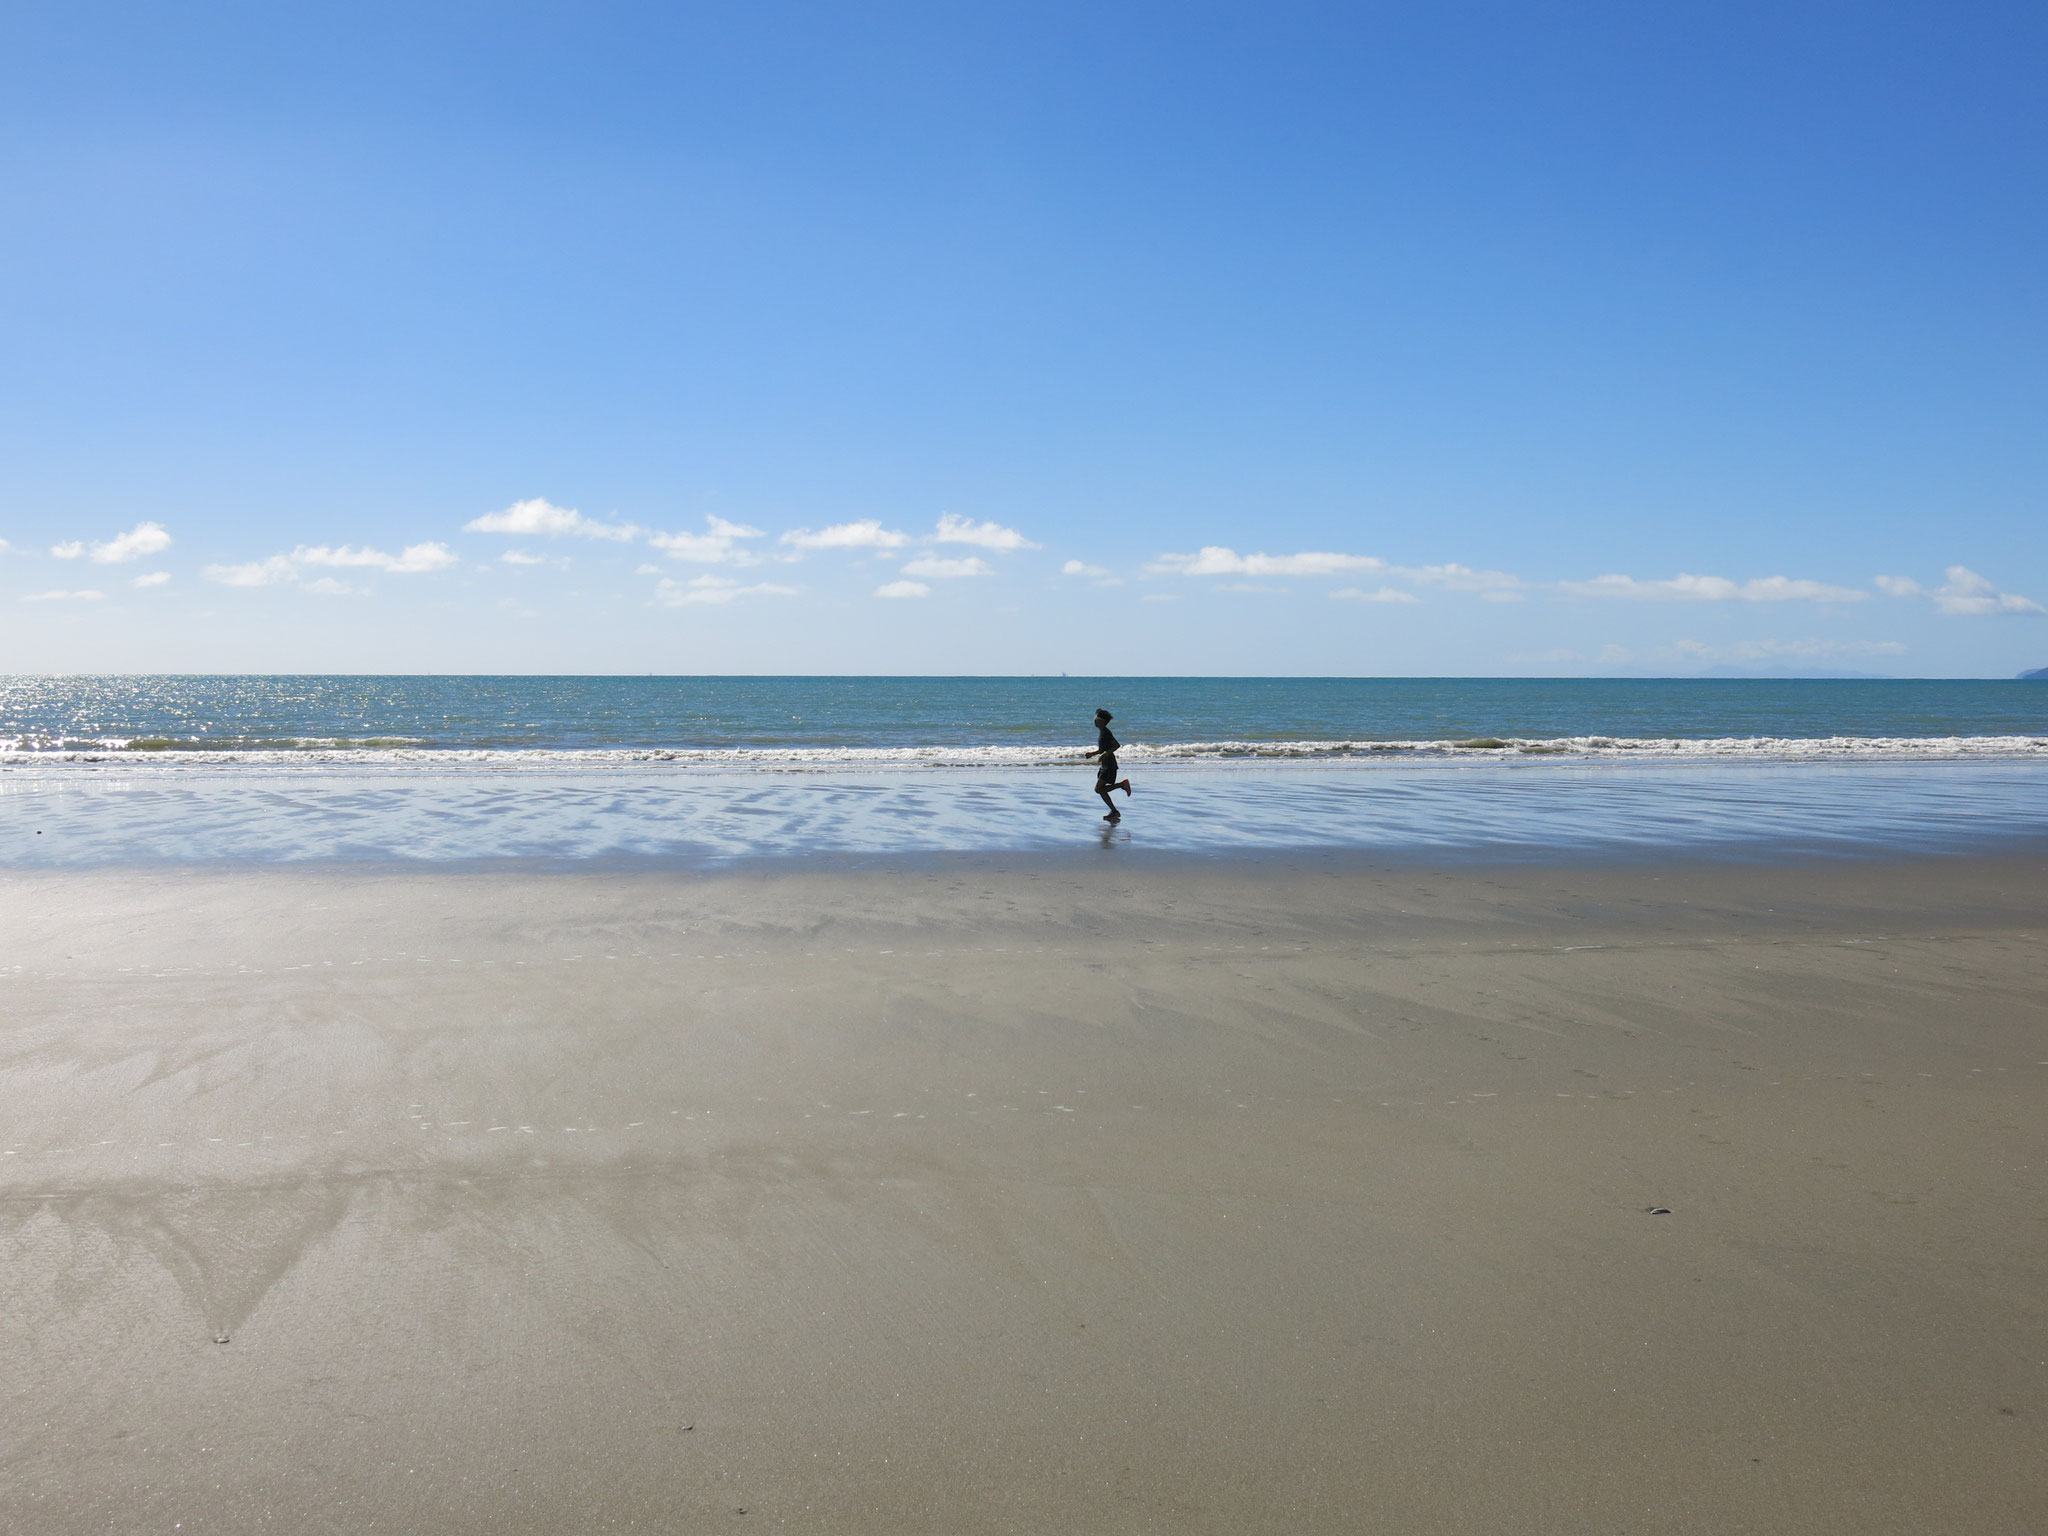 ラビットアイランド 島内の森林コースと広々としたビーチ